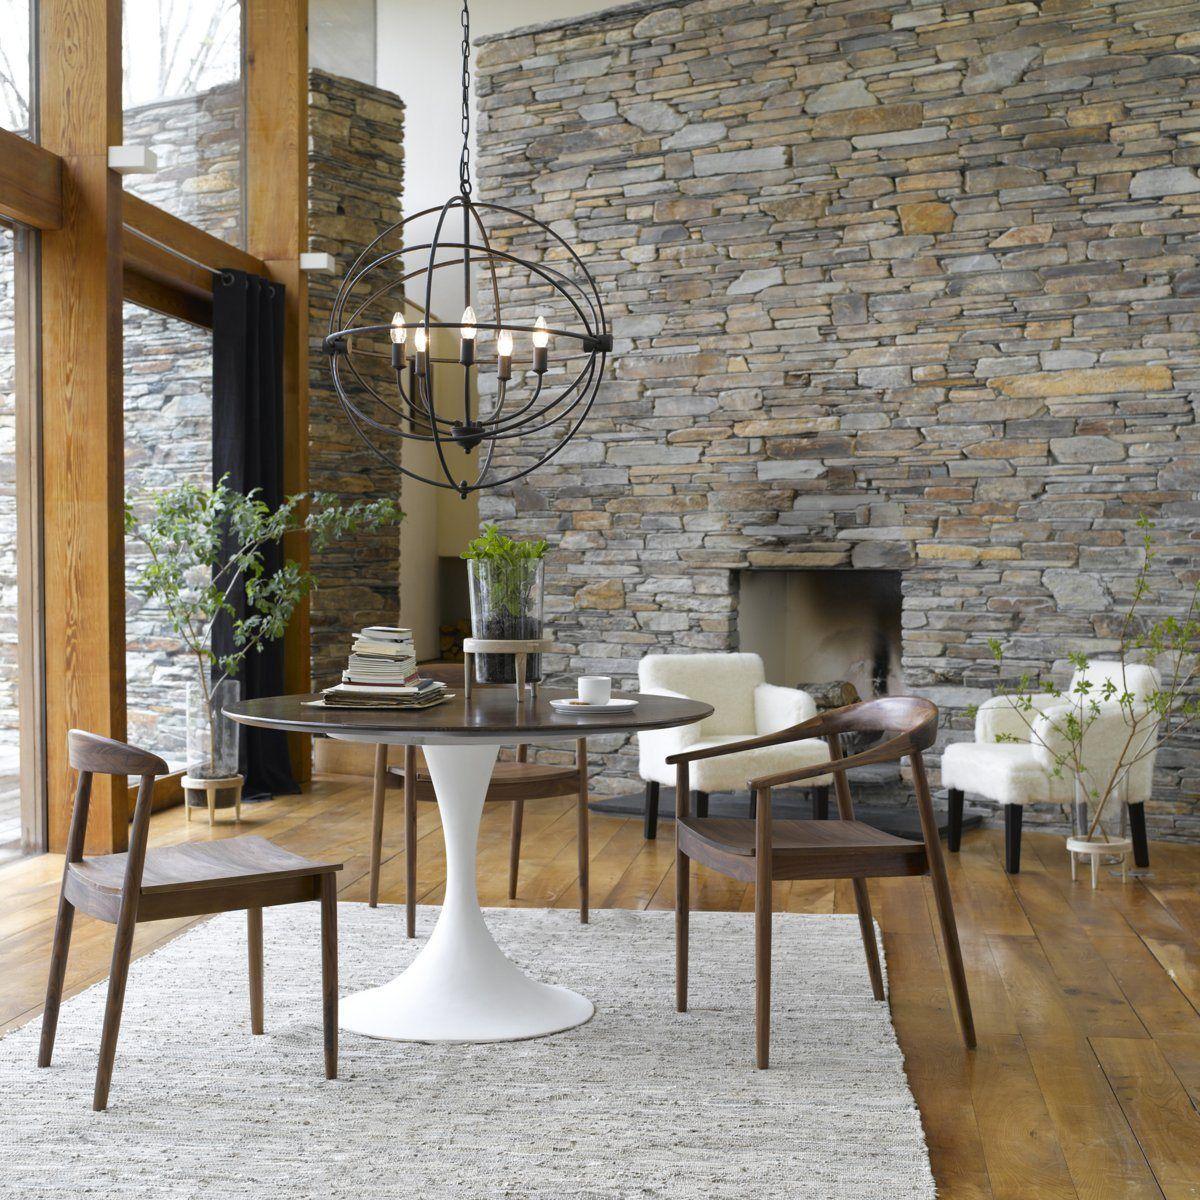 grand lustre armilla fer forg am pm la redoute mais beau mais moins cher grand lustre en fer. Black Bedroom Furniture Sets. Home Design Ideas